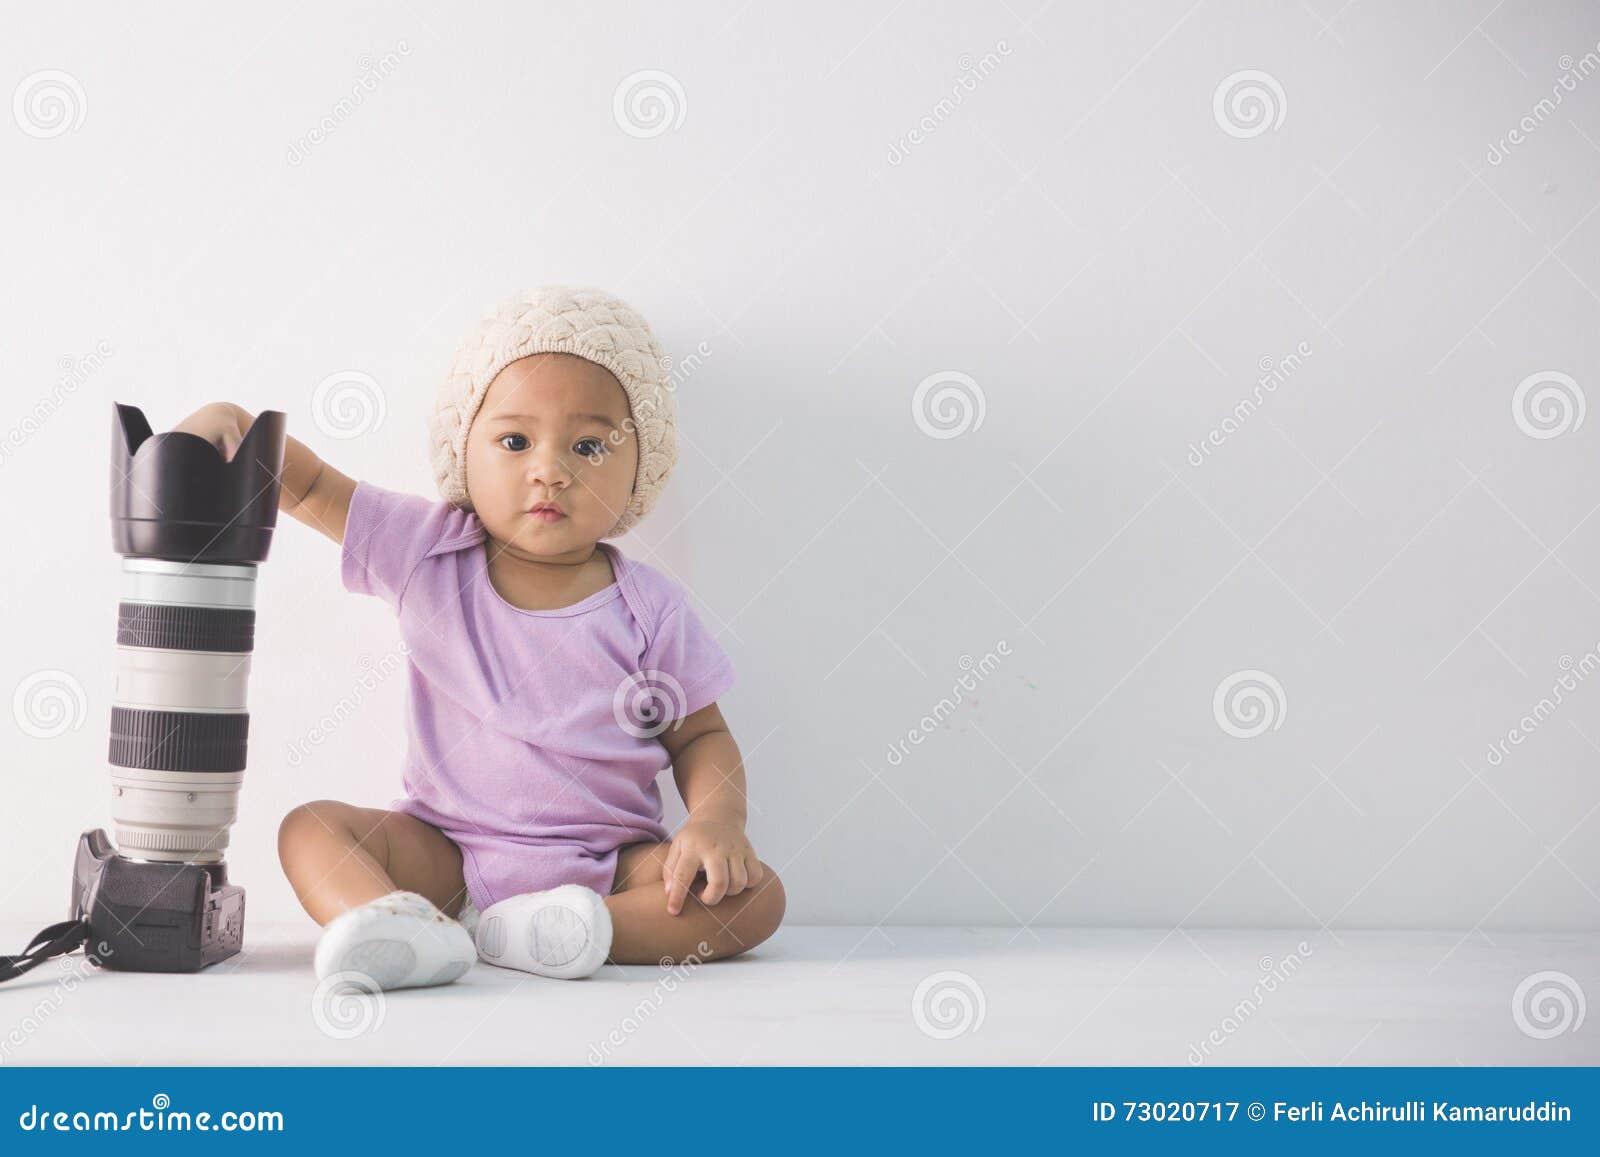 Little baby girl sitting on the floor holding dslr camera